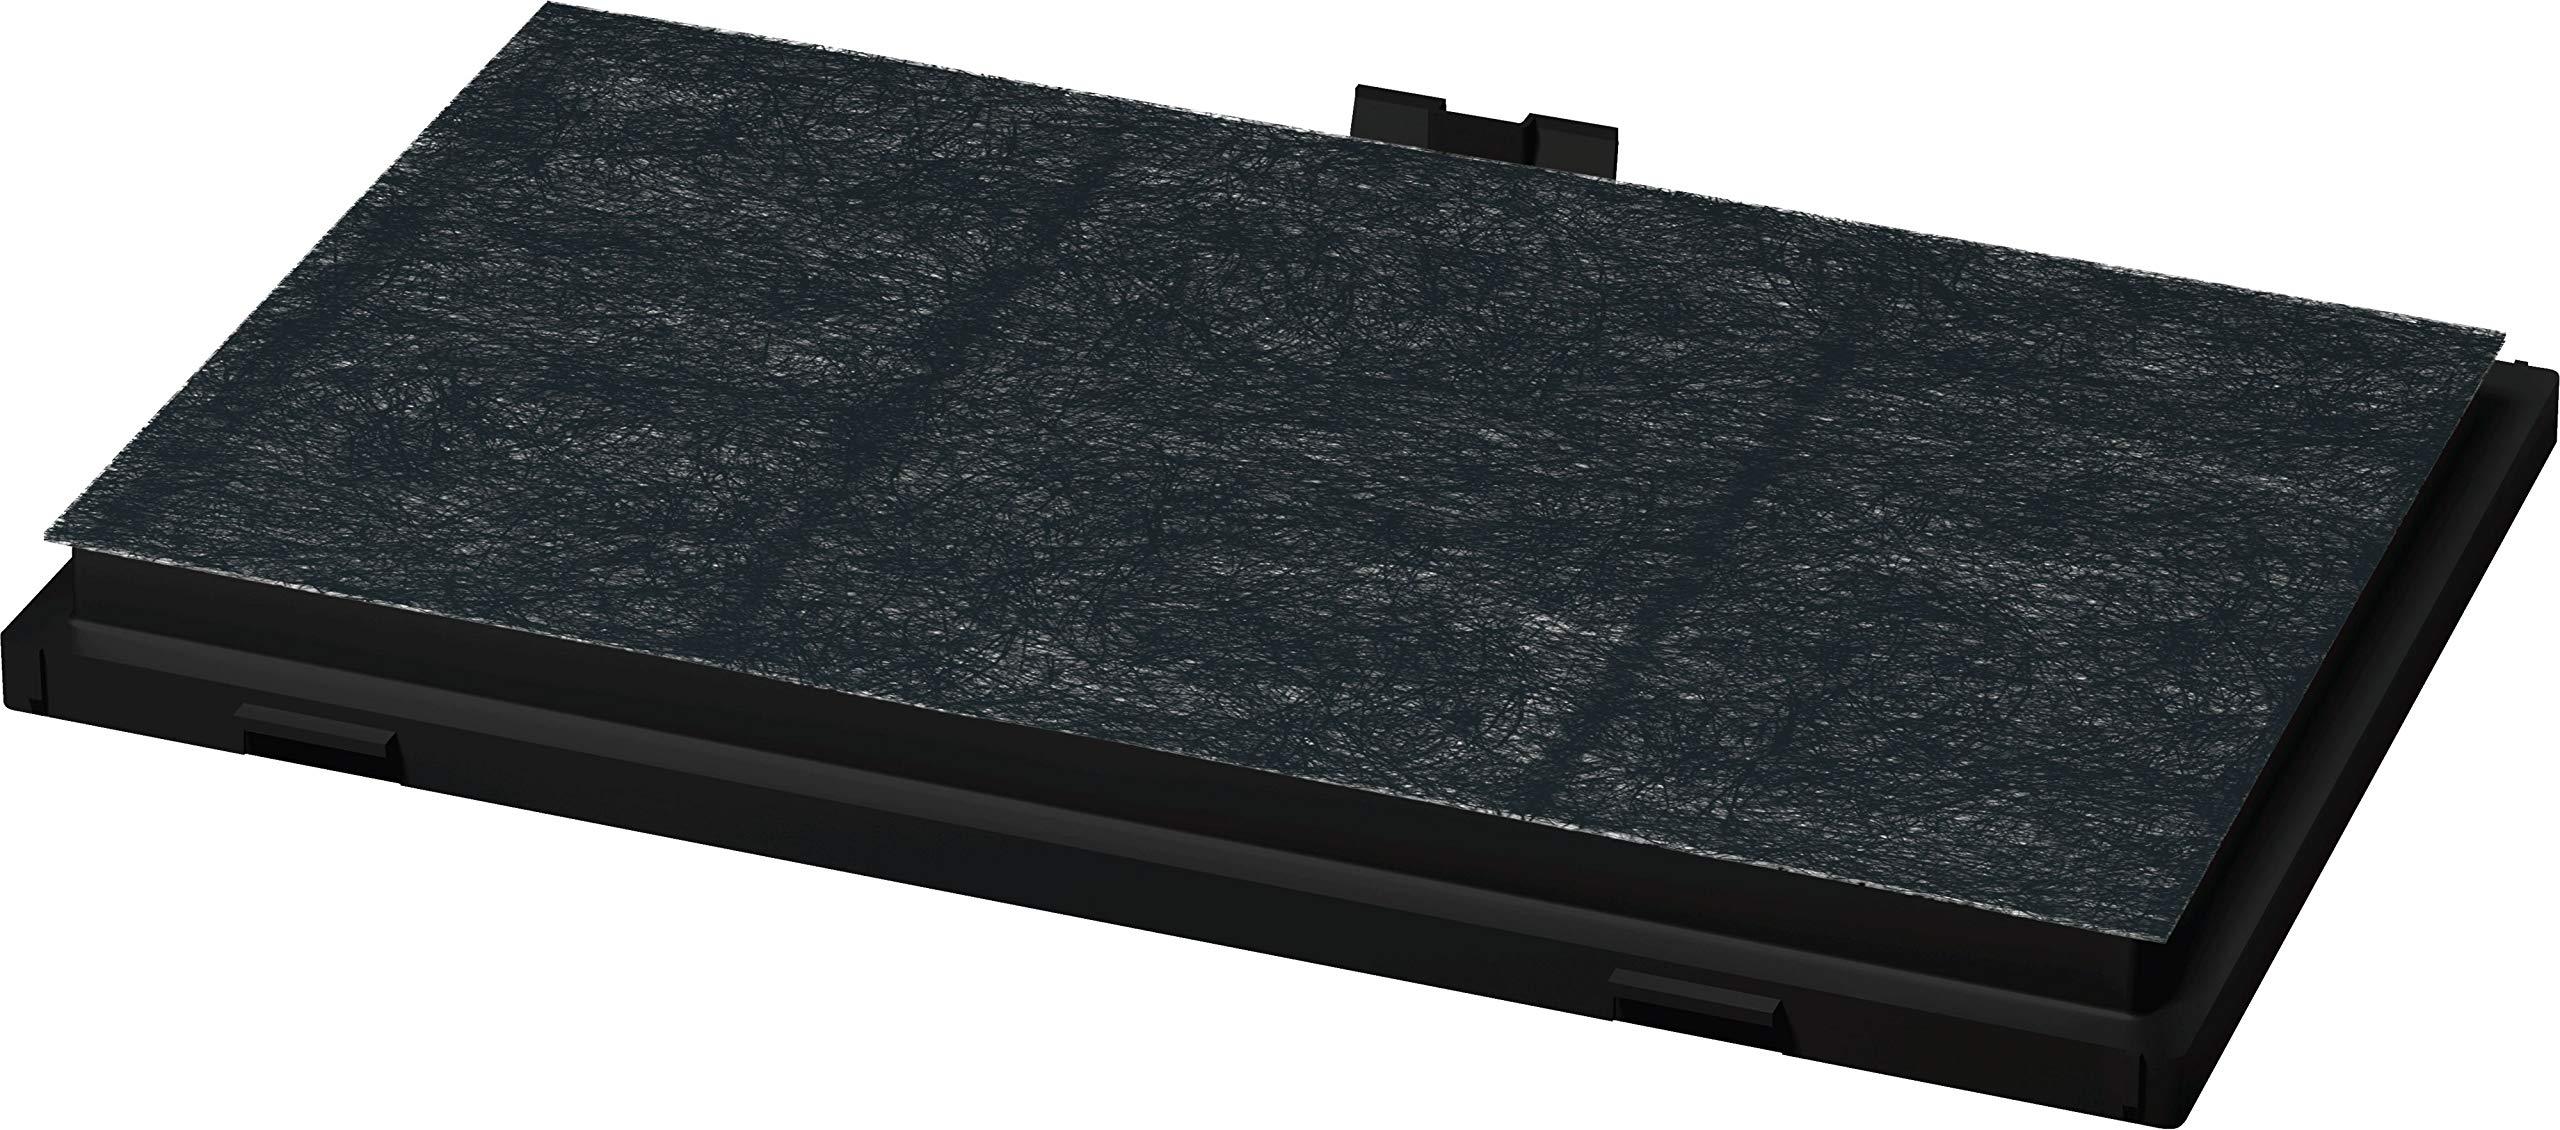 Filtro de carbón activo para campana extractora Bosch Dsz4545: Amazon.es: Grandes electrodomésticos